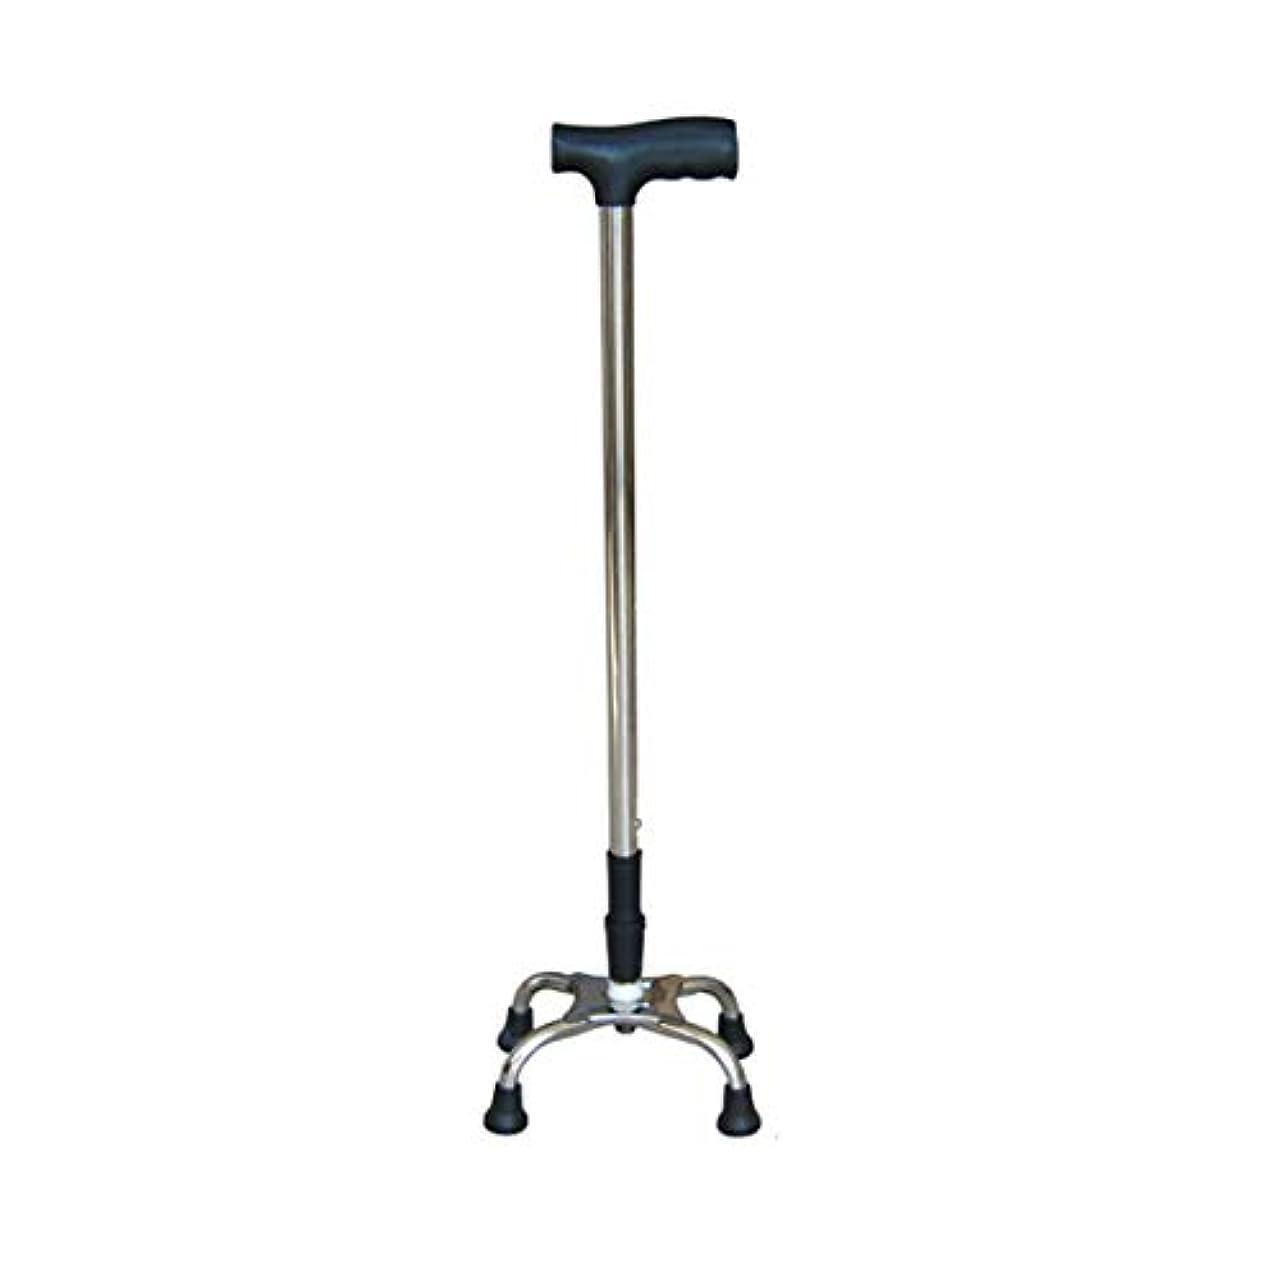 男らしい石鹸実際の4点杖 持杖 超軽量 自立式 アルミ製 長さ調節可能 歩行補助 多点杖 伸縮式 ハンドル ステッキ杖 軽量 高齢者 ステッキ 杖 歩行 器具 介護 介助 リハビリ 敬